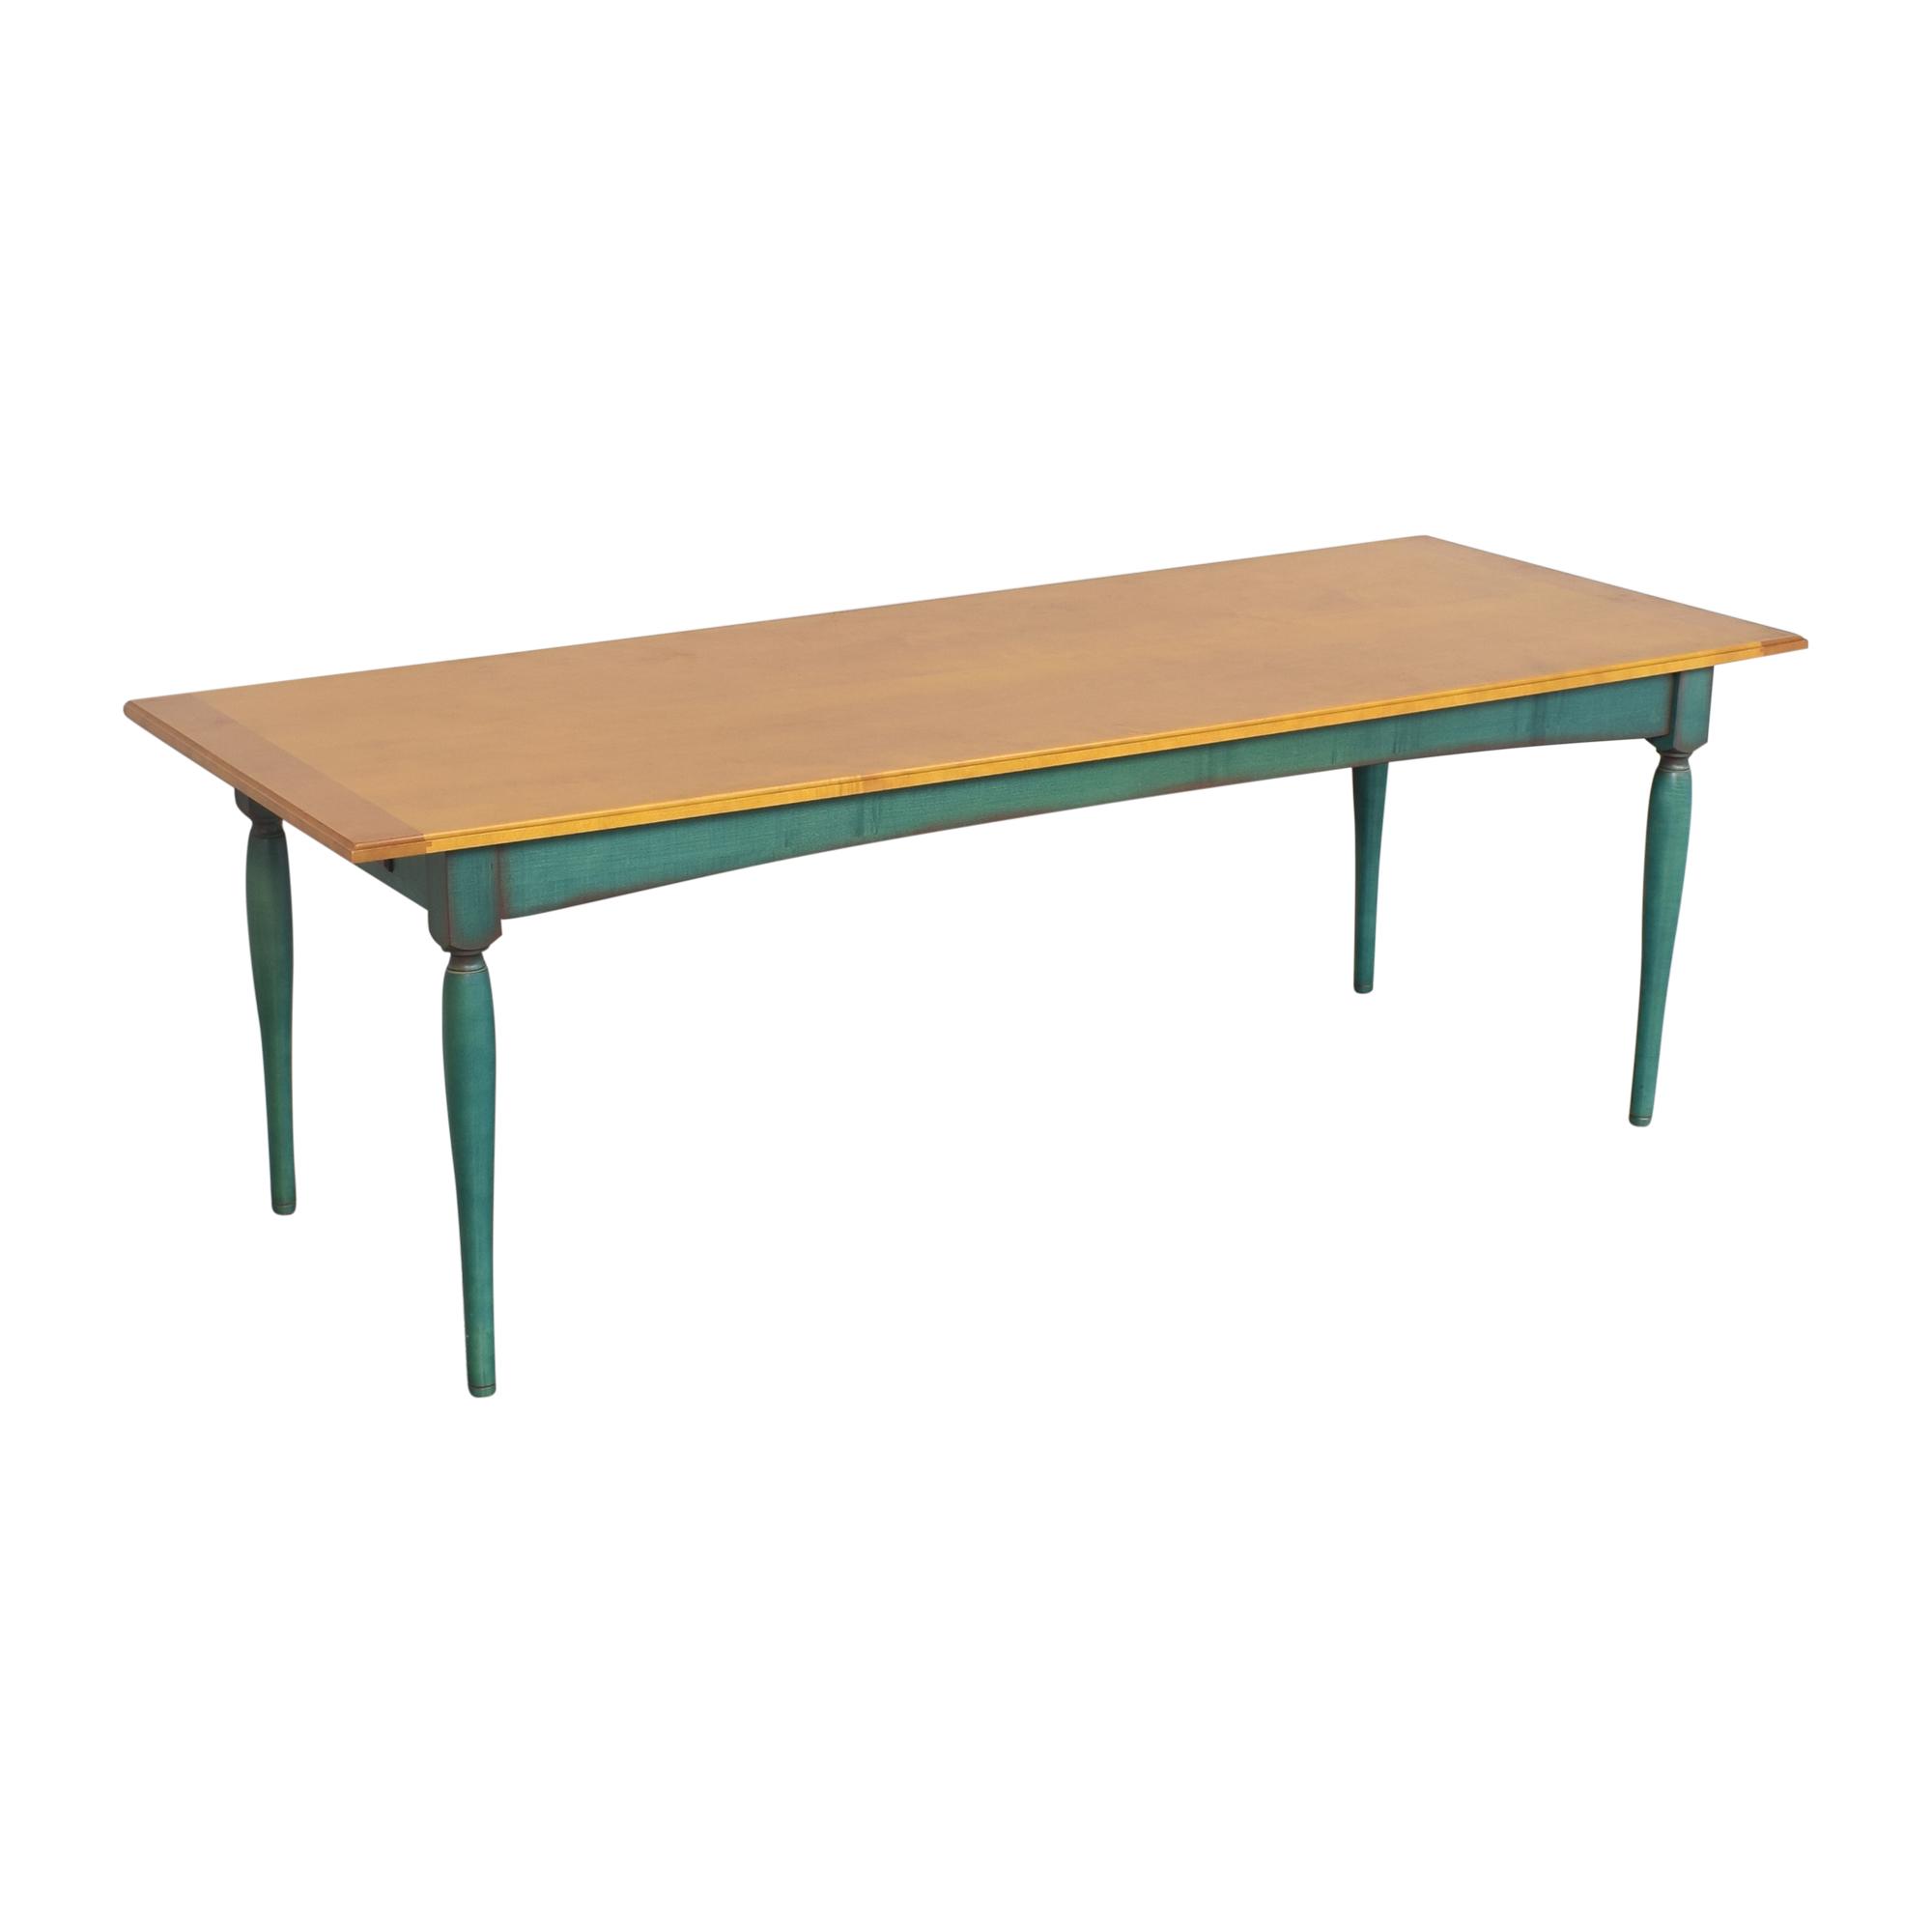 Grange Grange Shaker-Style Dining Table nj